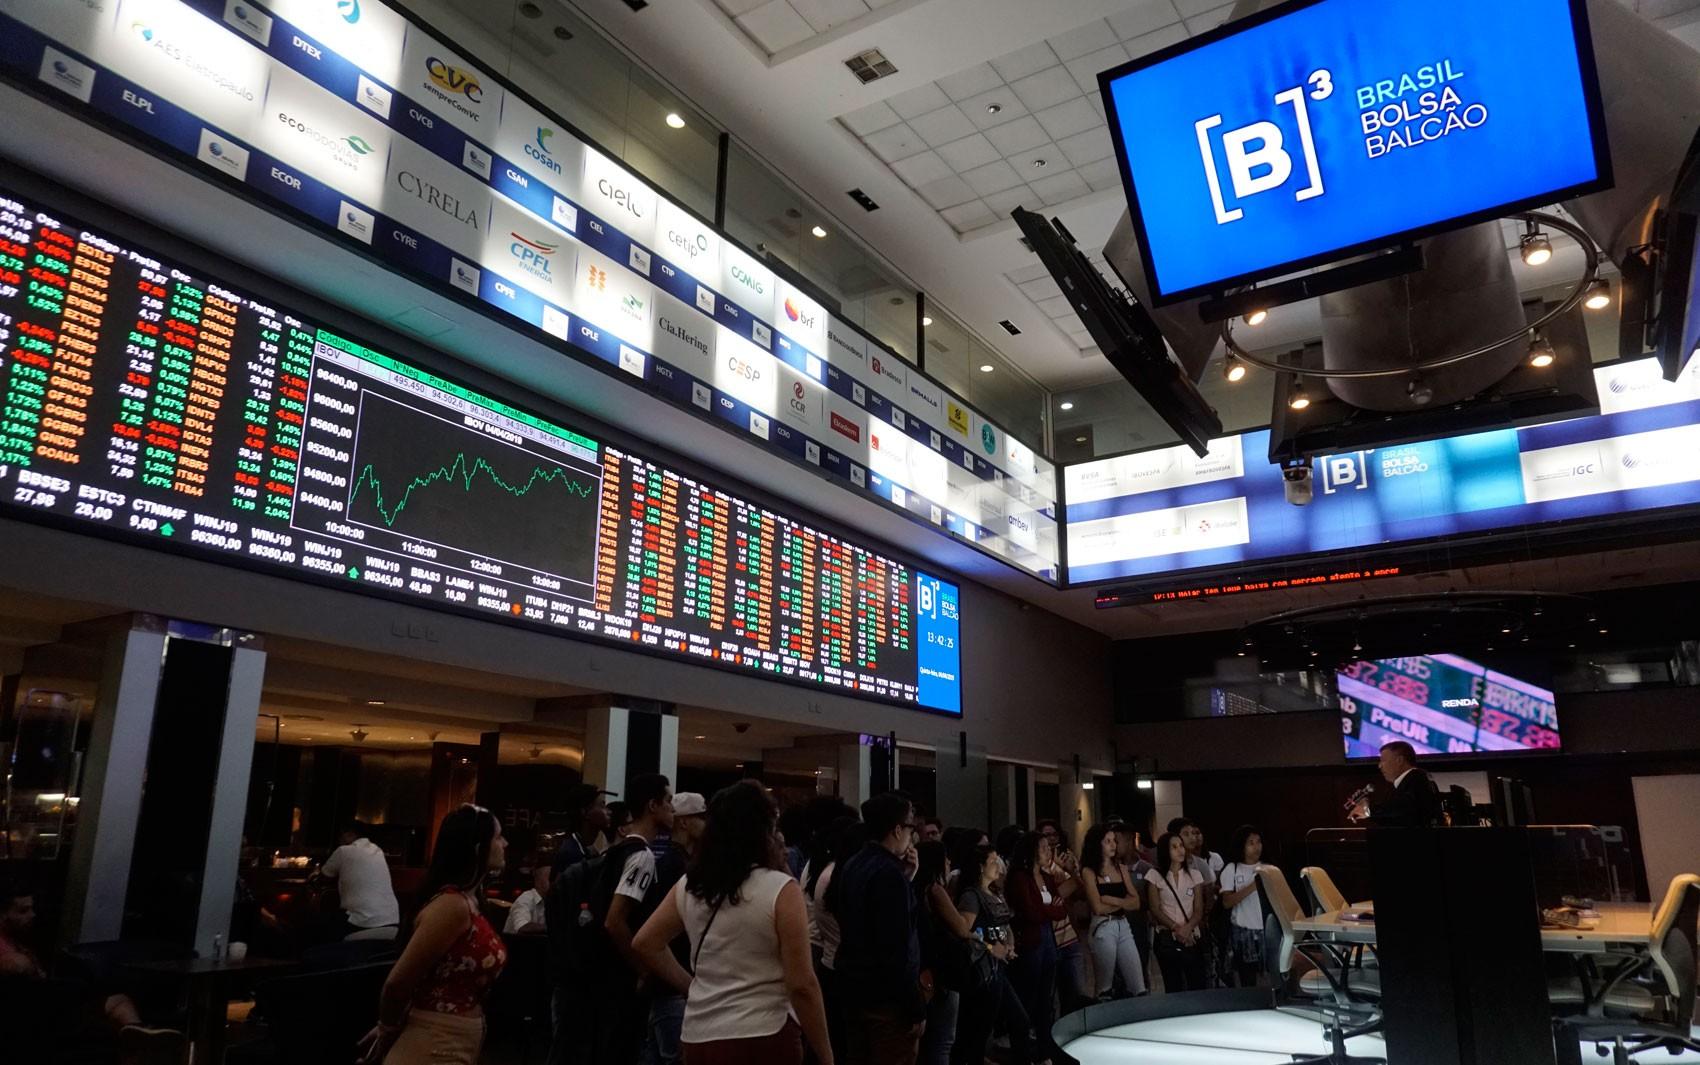 Bovespa fecha em queda de mais de 1%, puxada por bancos e Petrobras e com cautela externa - Notícias - Plantão Diário